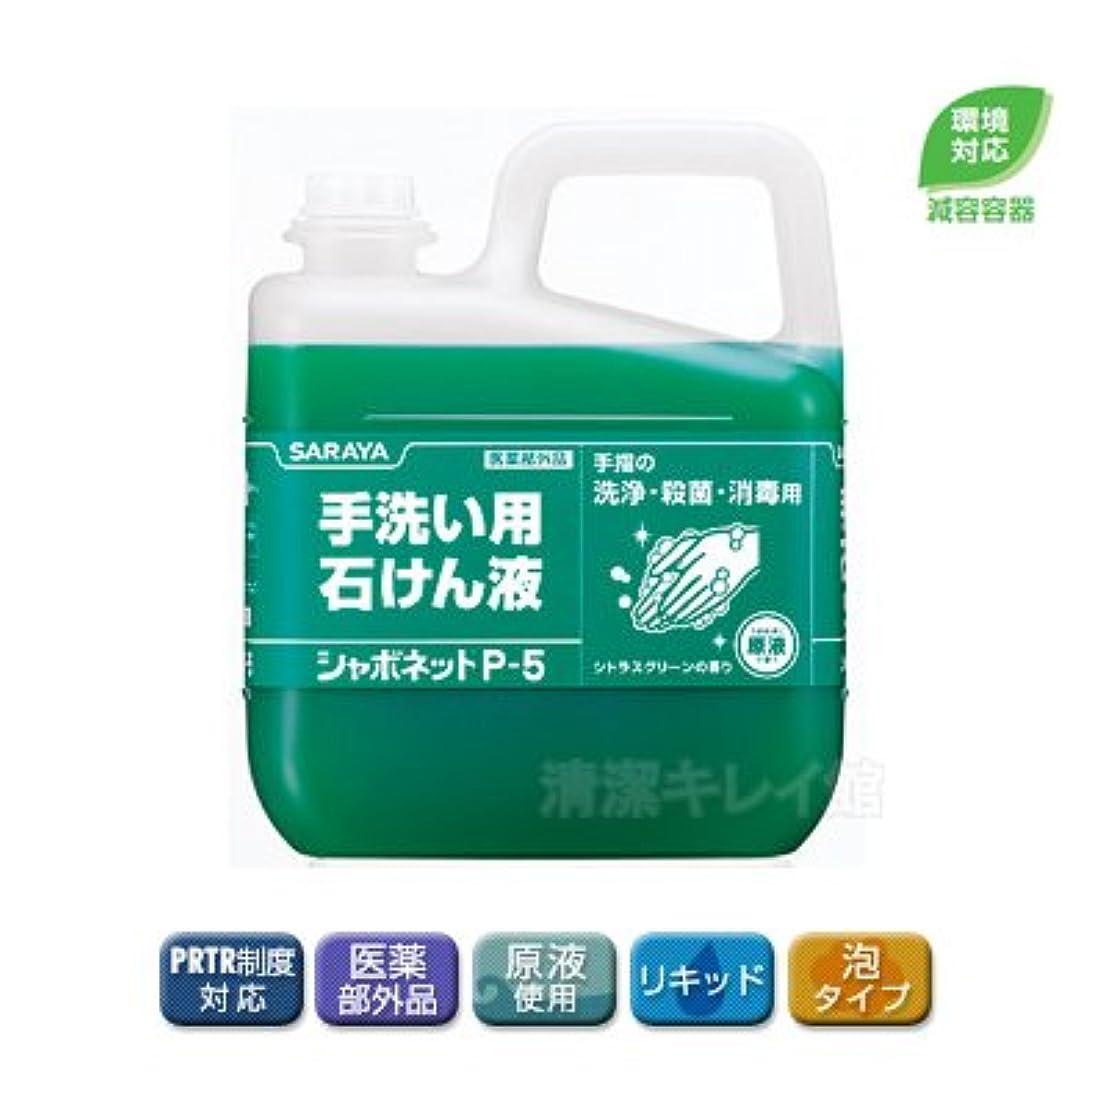 怒るヘクタール刺します【清潔キレイ館】サラヤ シャボネット石鹸液P-5(5kg)